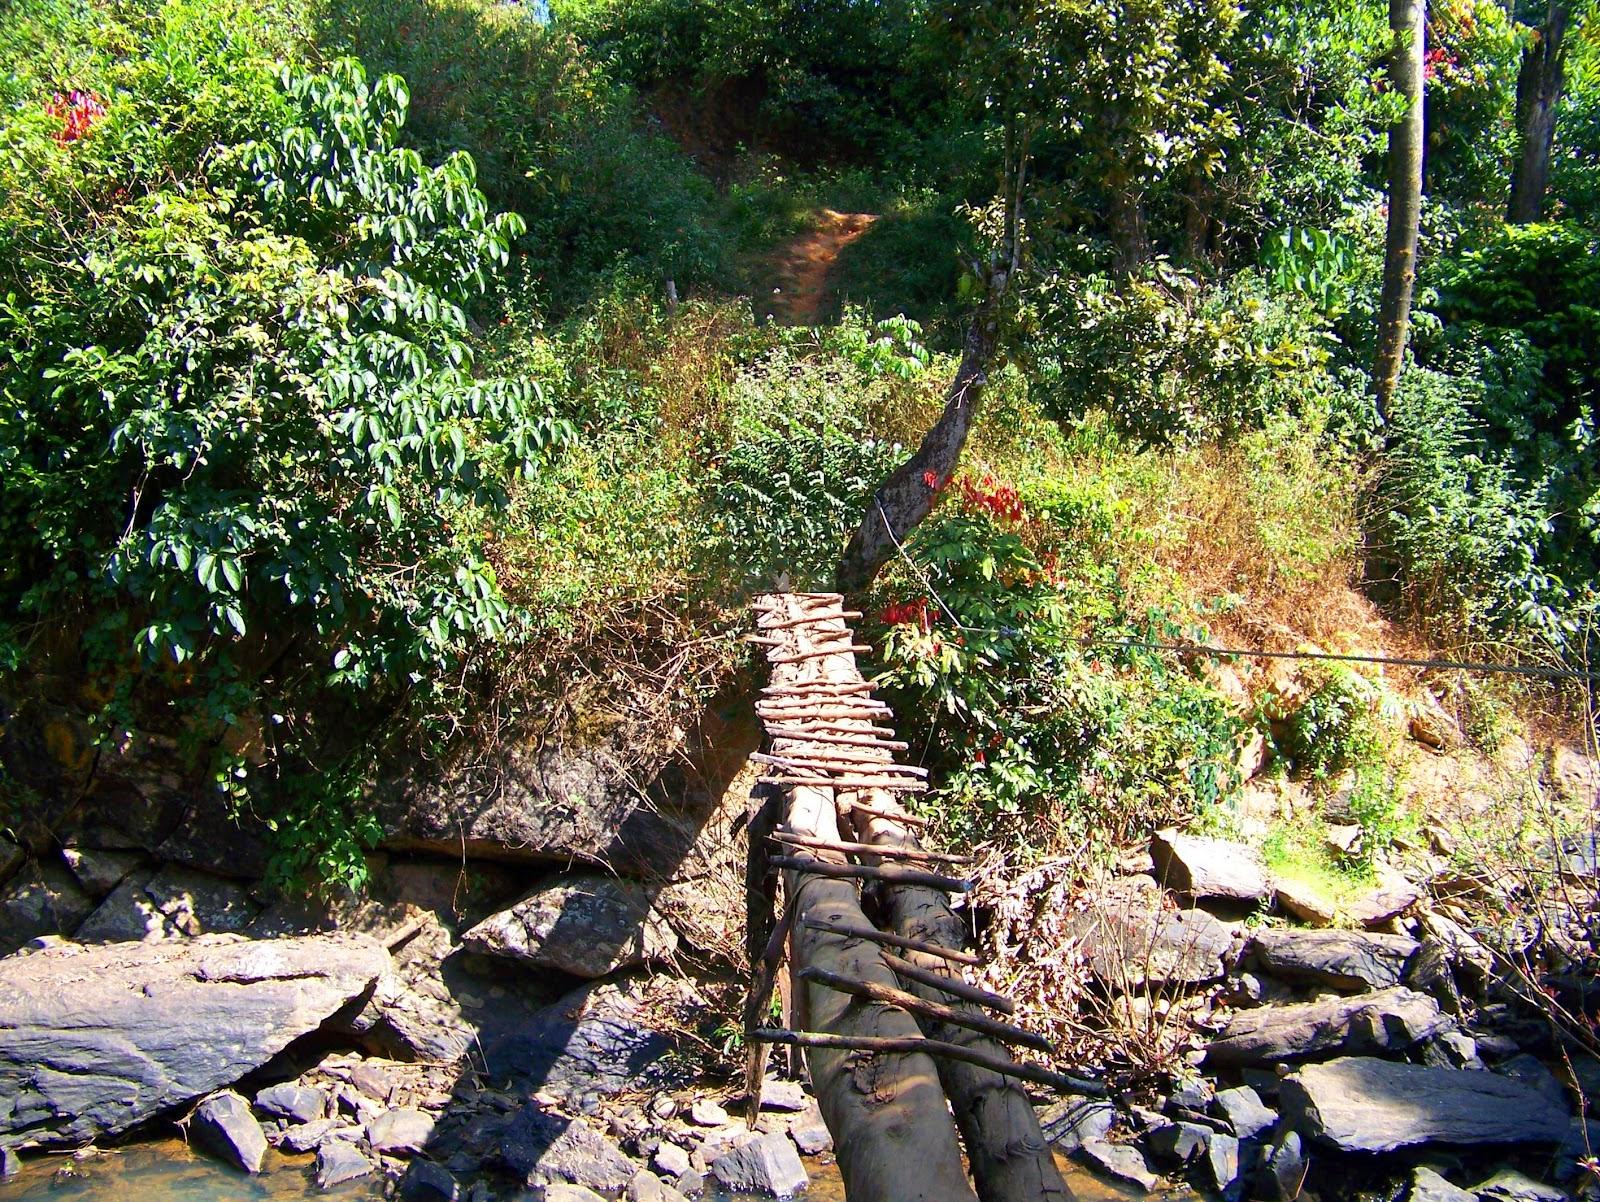 Walking over the wooden bridge